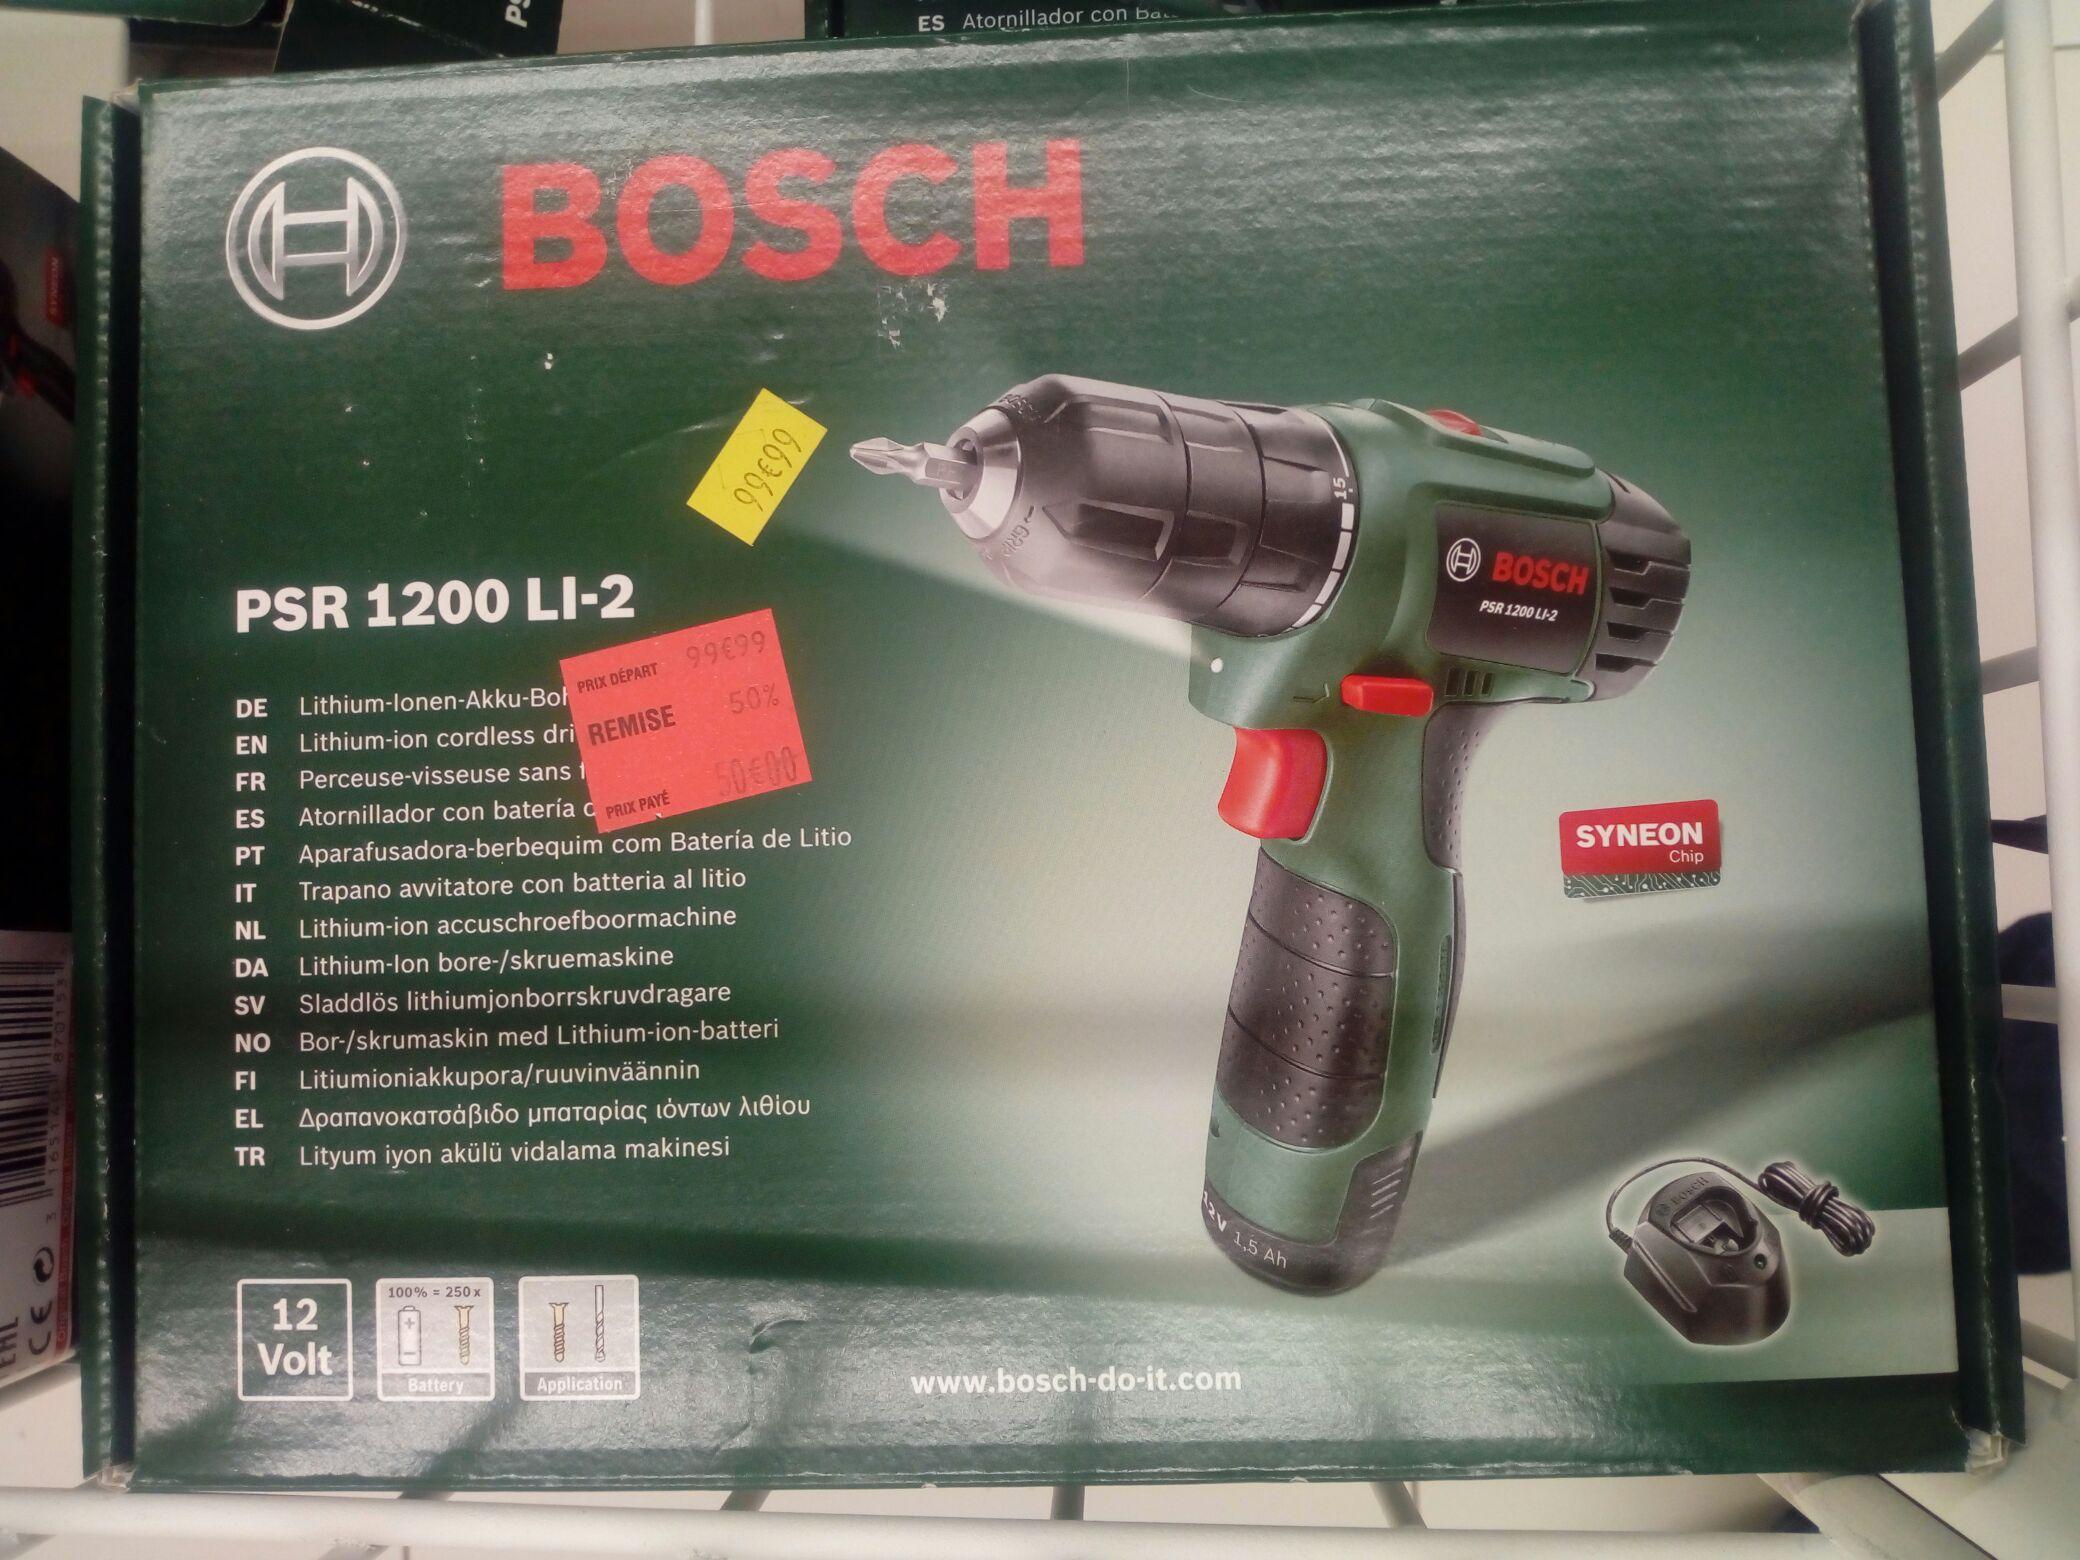 Perceuse-visseuse sans-fil Bosch PSR 1200 LI-2 (12 V) - Portet-sur-Garonne (31)